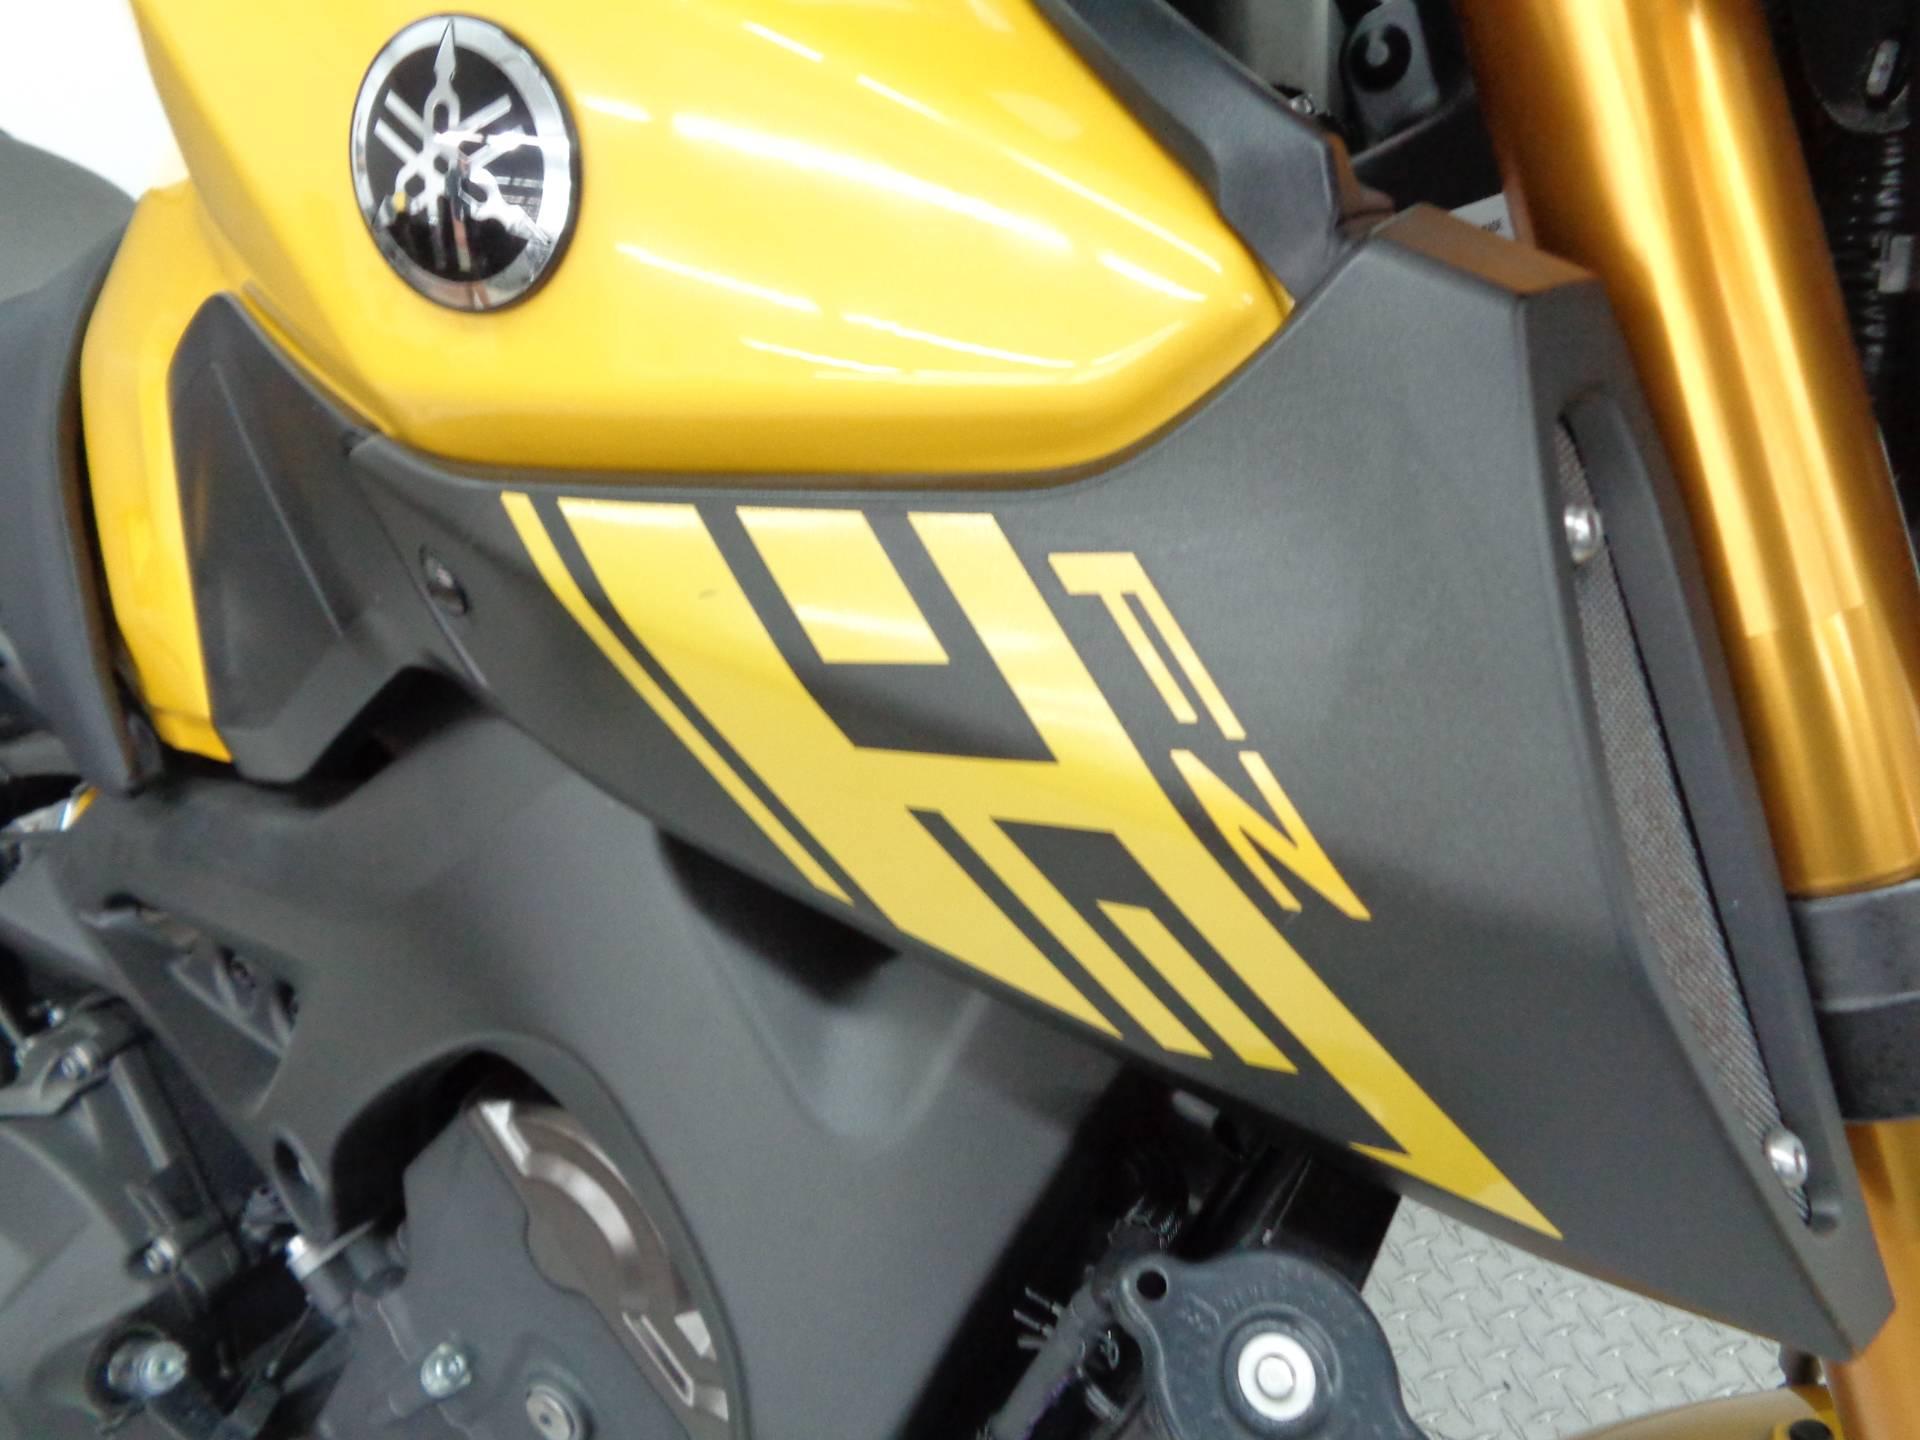 2015 Yamaha FZ-09 5